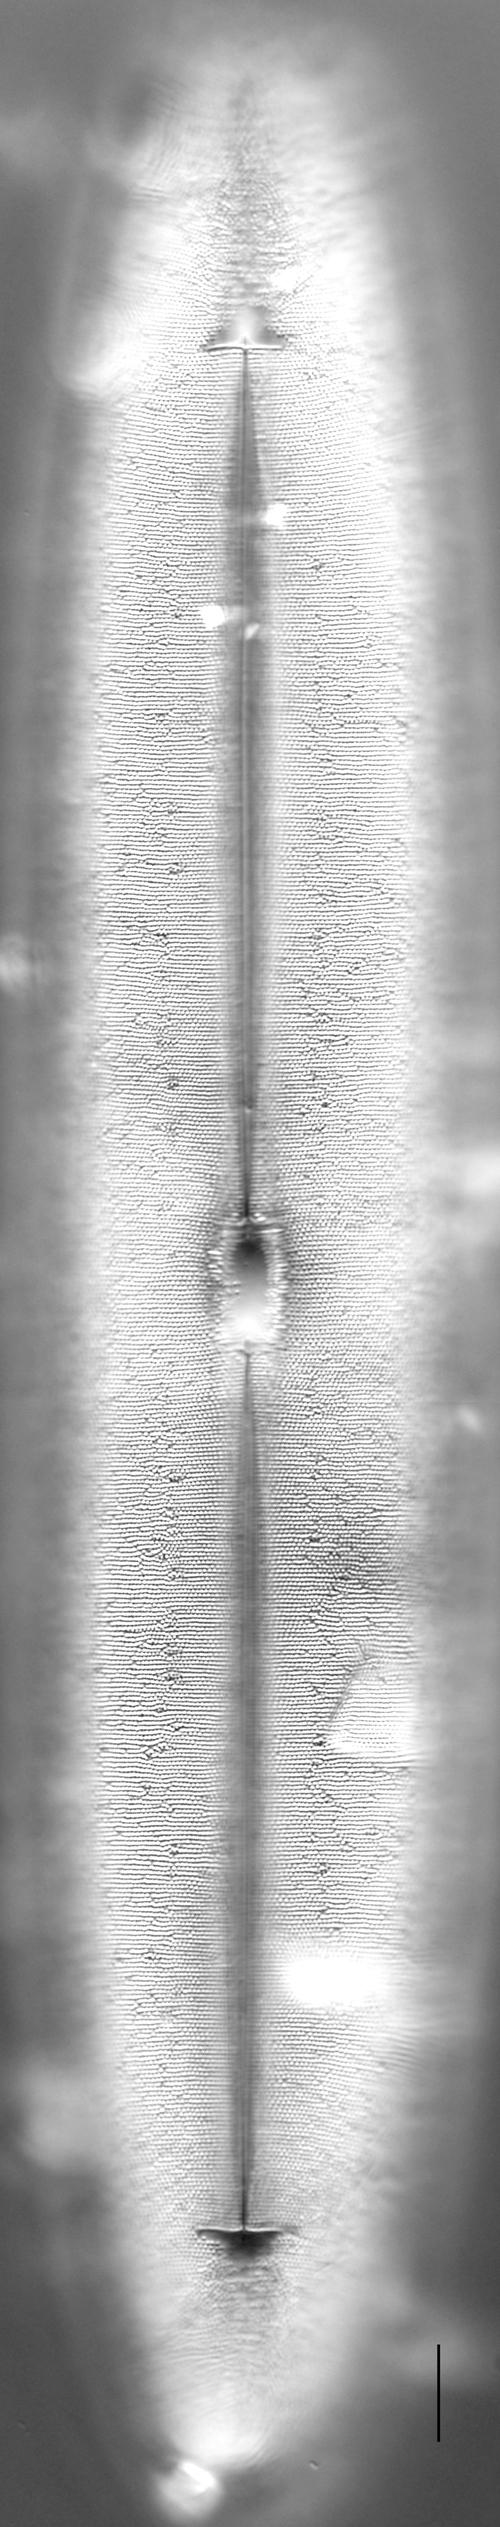 Frickea lewisiana LM5